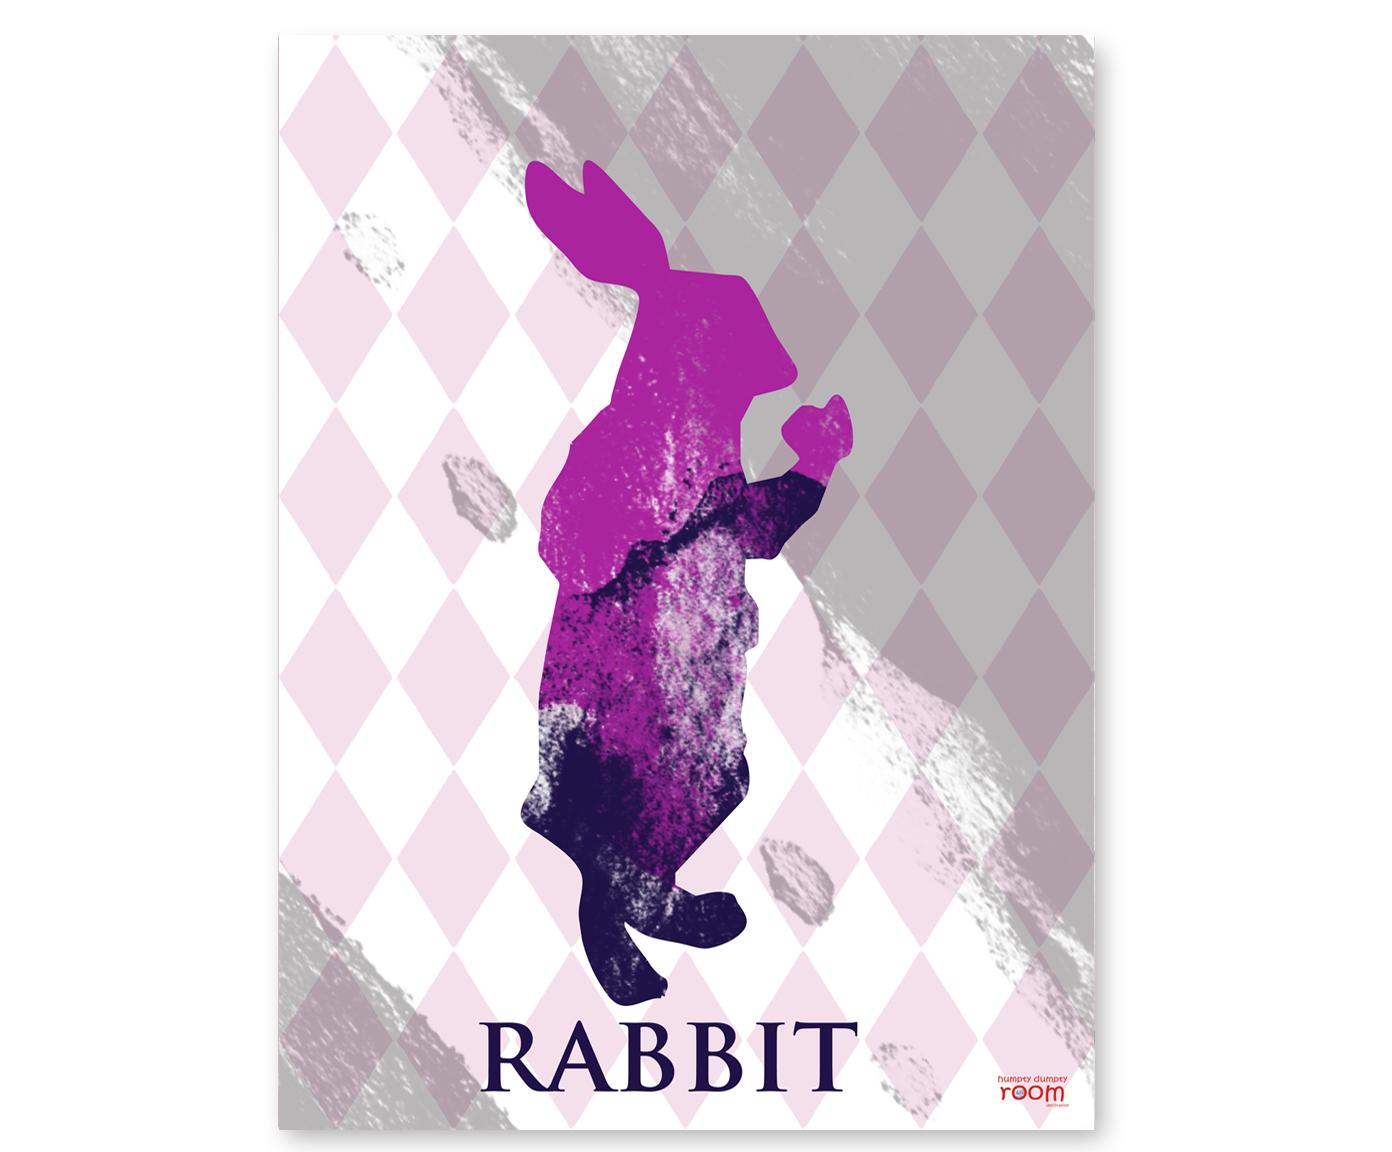 plakat dla dzieci Rabbit